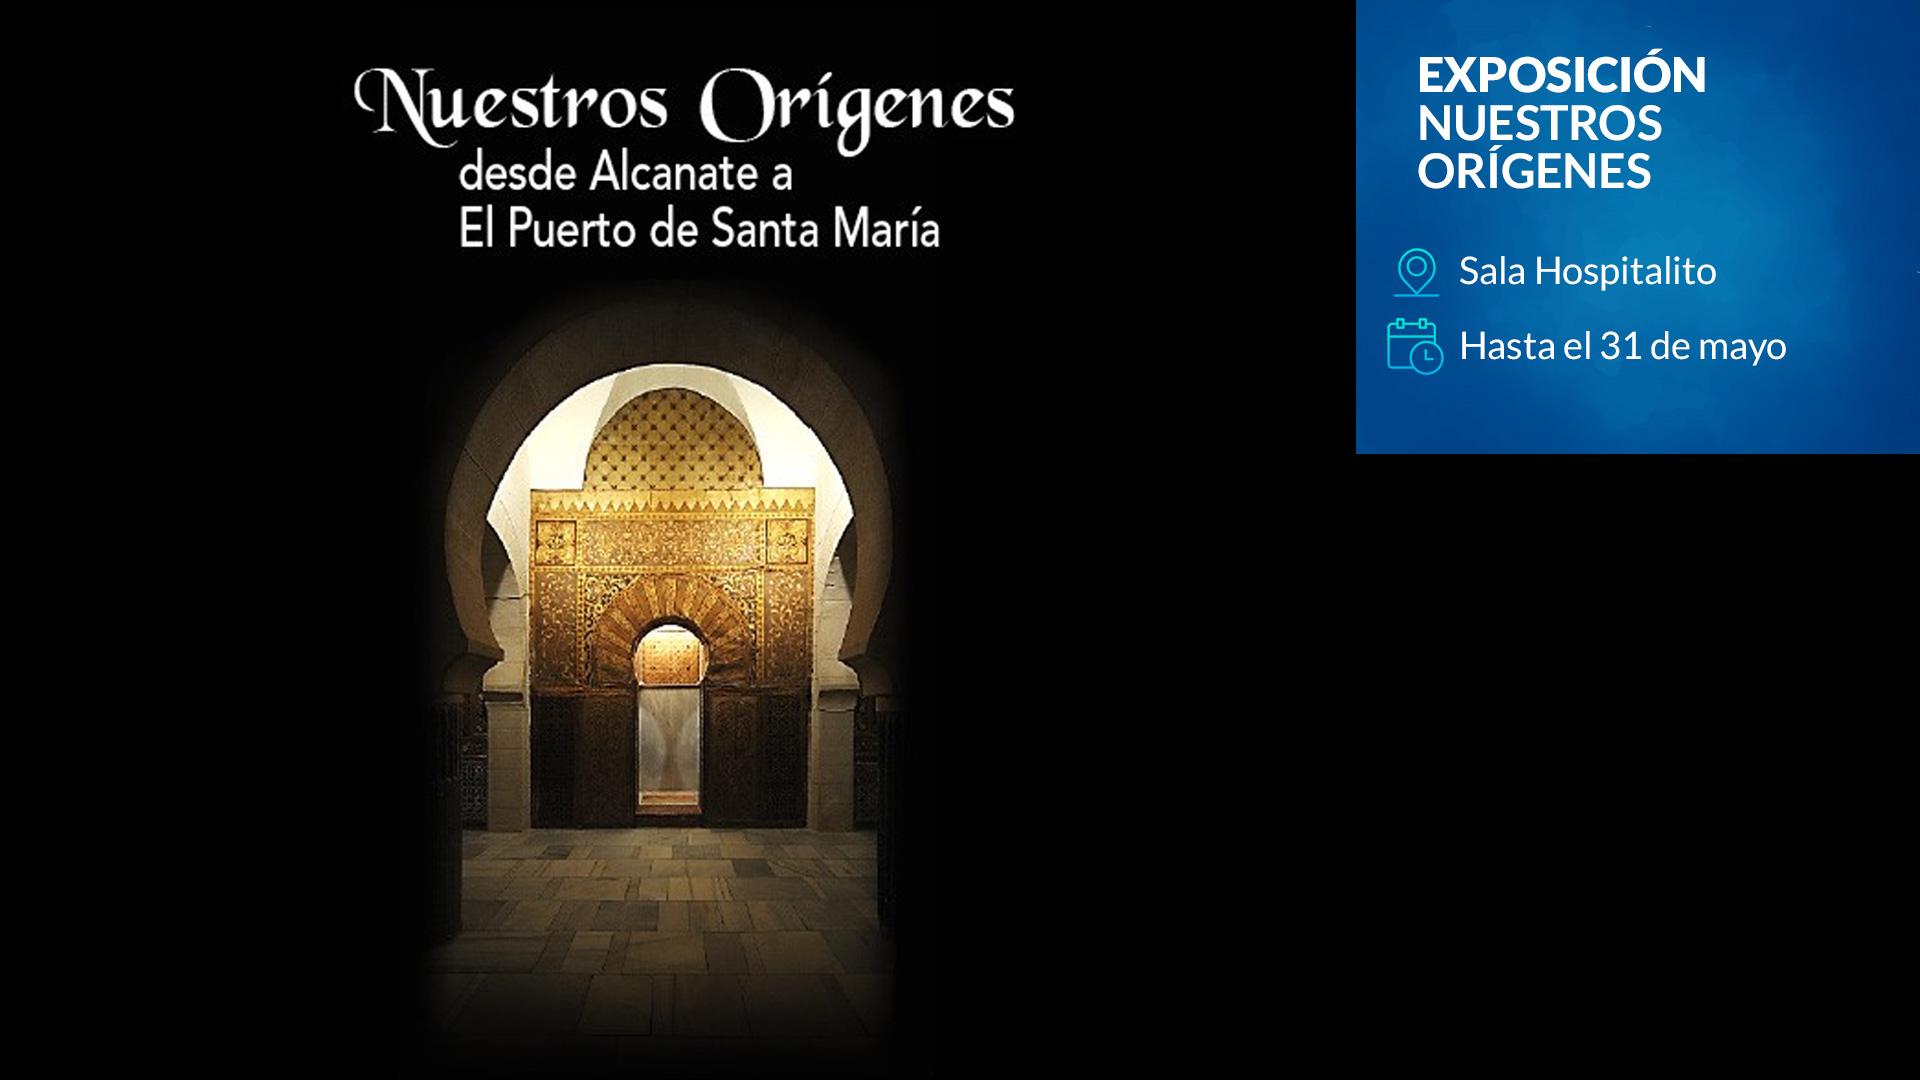 Exposición - Nuestros orígenes. Desde Alcanate a El Puerto de Santa María